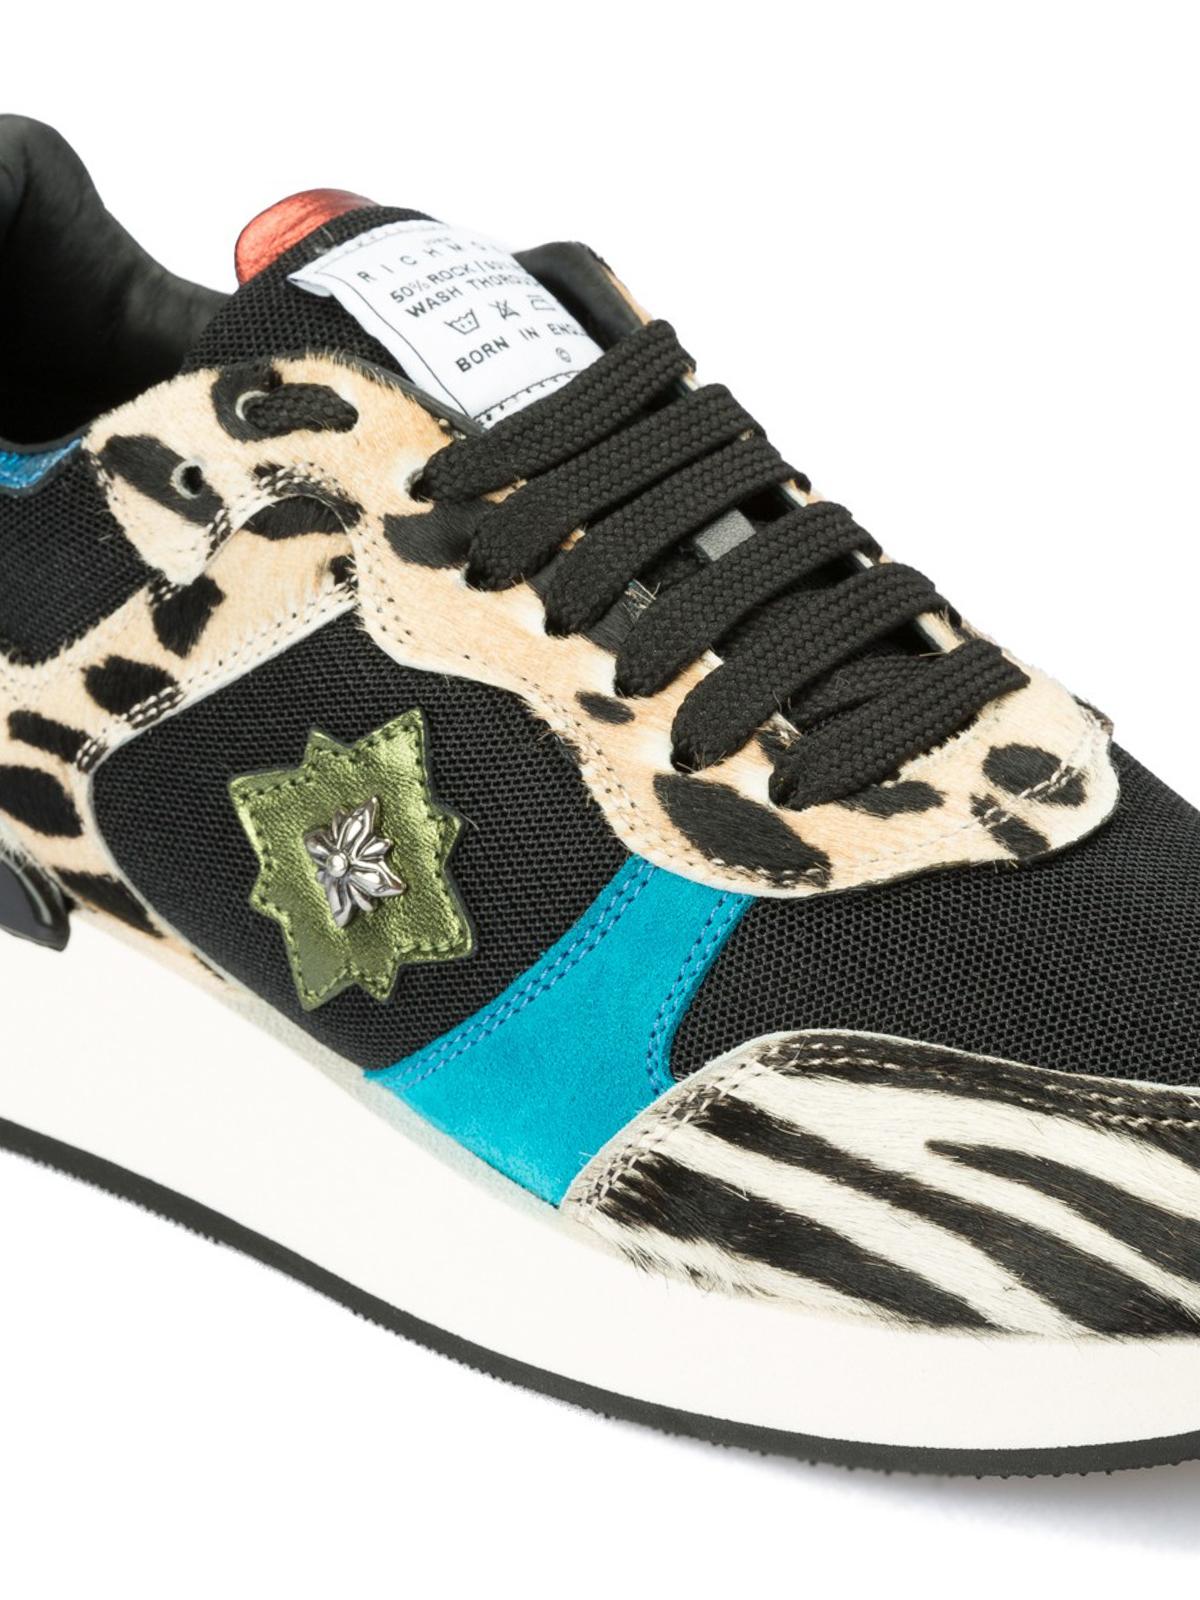 John Richmond - Rock  n  Roll fabric and calf hair sneakers ... f3a2ba8e0d53